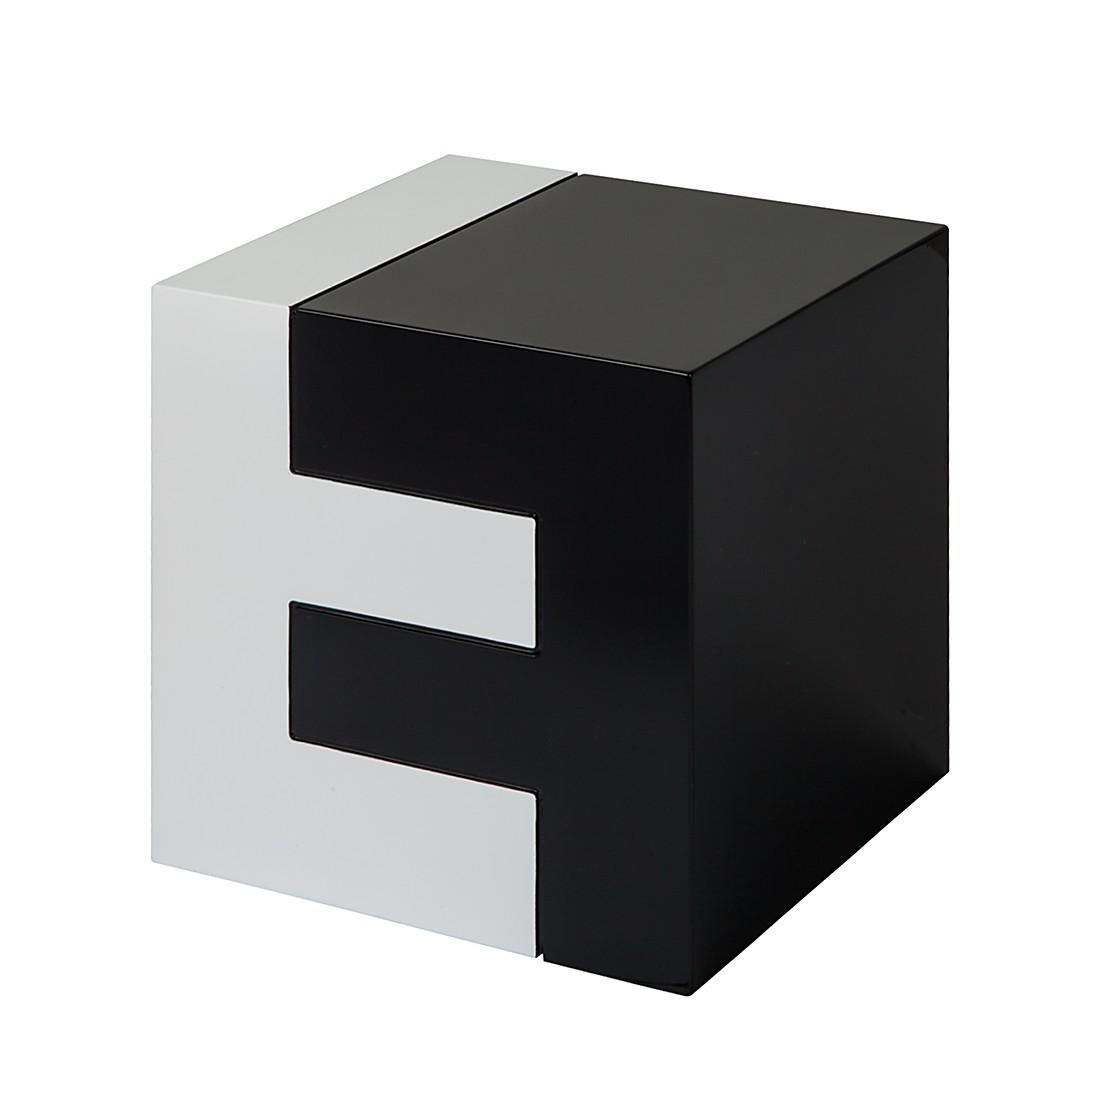 wei hochglanz beistelltisch preisvergleich die besten angebote online kaufen. Black Bedroom Furniture Sets. Home Design Ideas